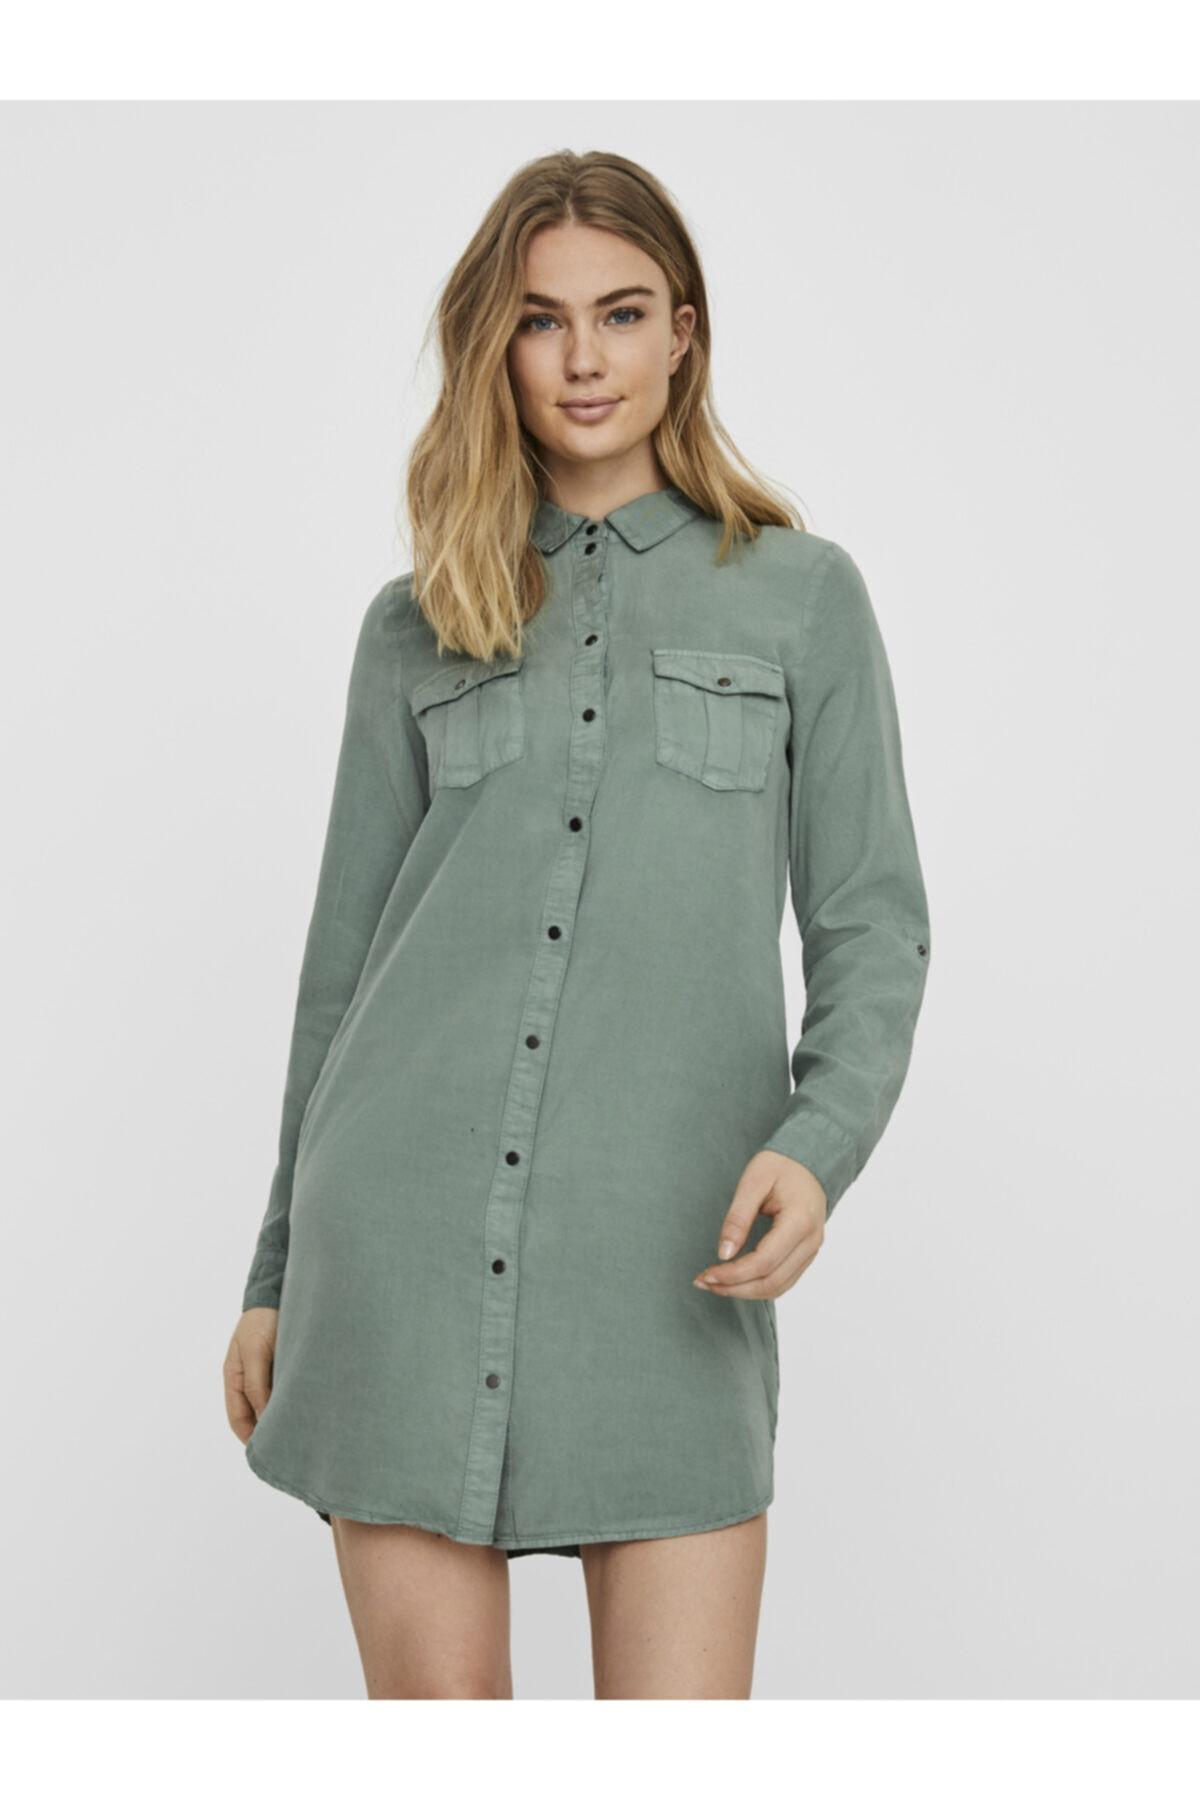 Vero Moda Kadın Yeşil Tencel Cepli Gömlek Elbise 10226772 VMSILLA 1